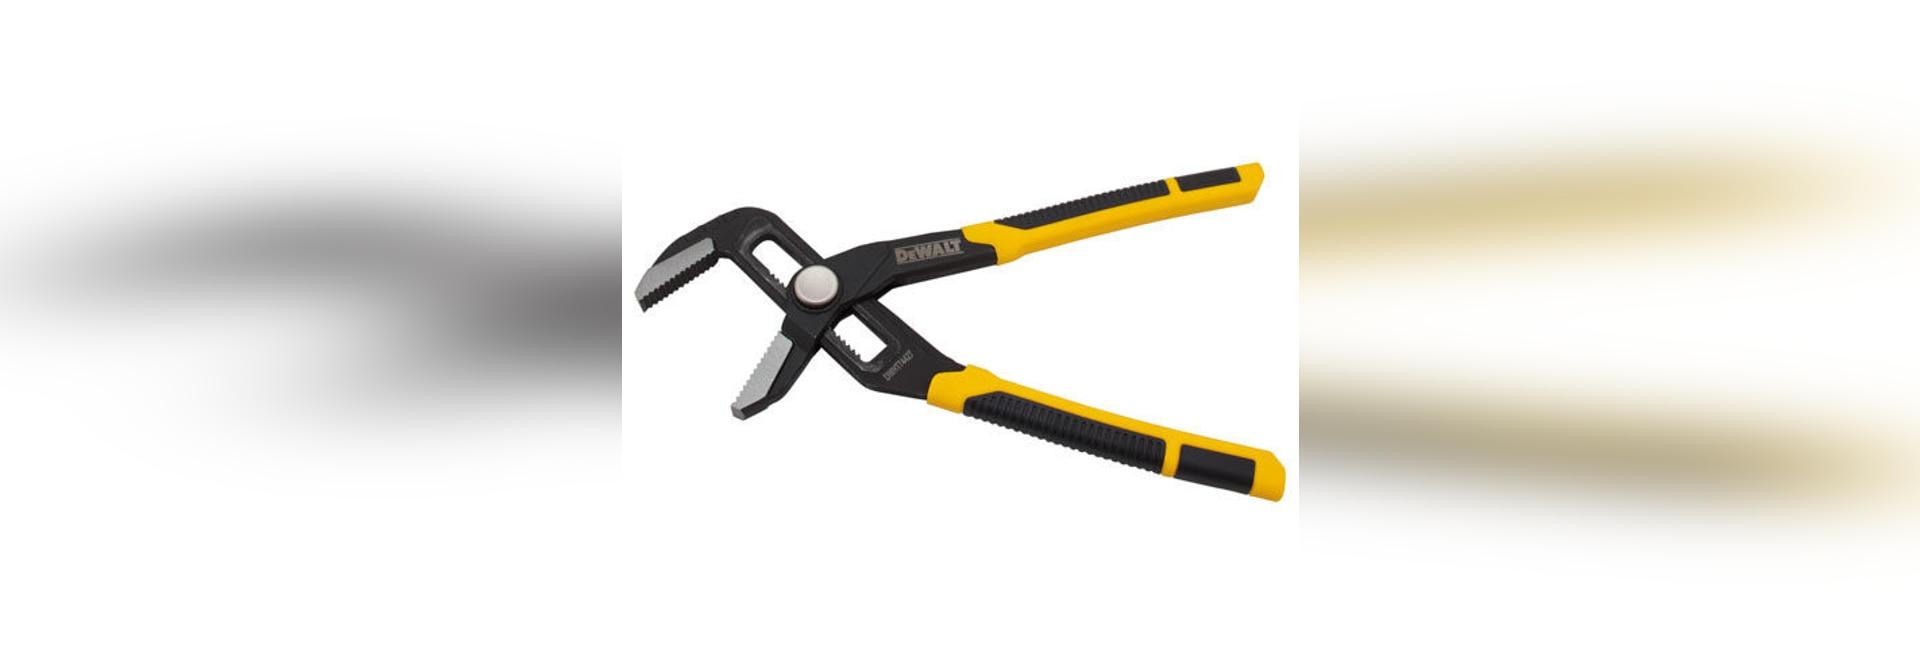 NEW: pliers by DEWALT Industrial Tool